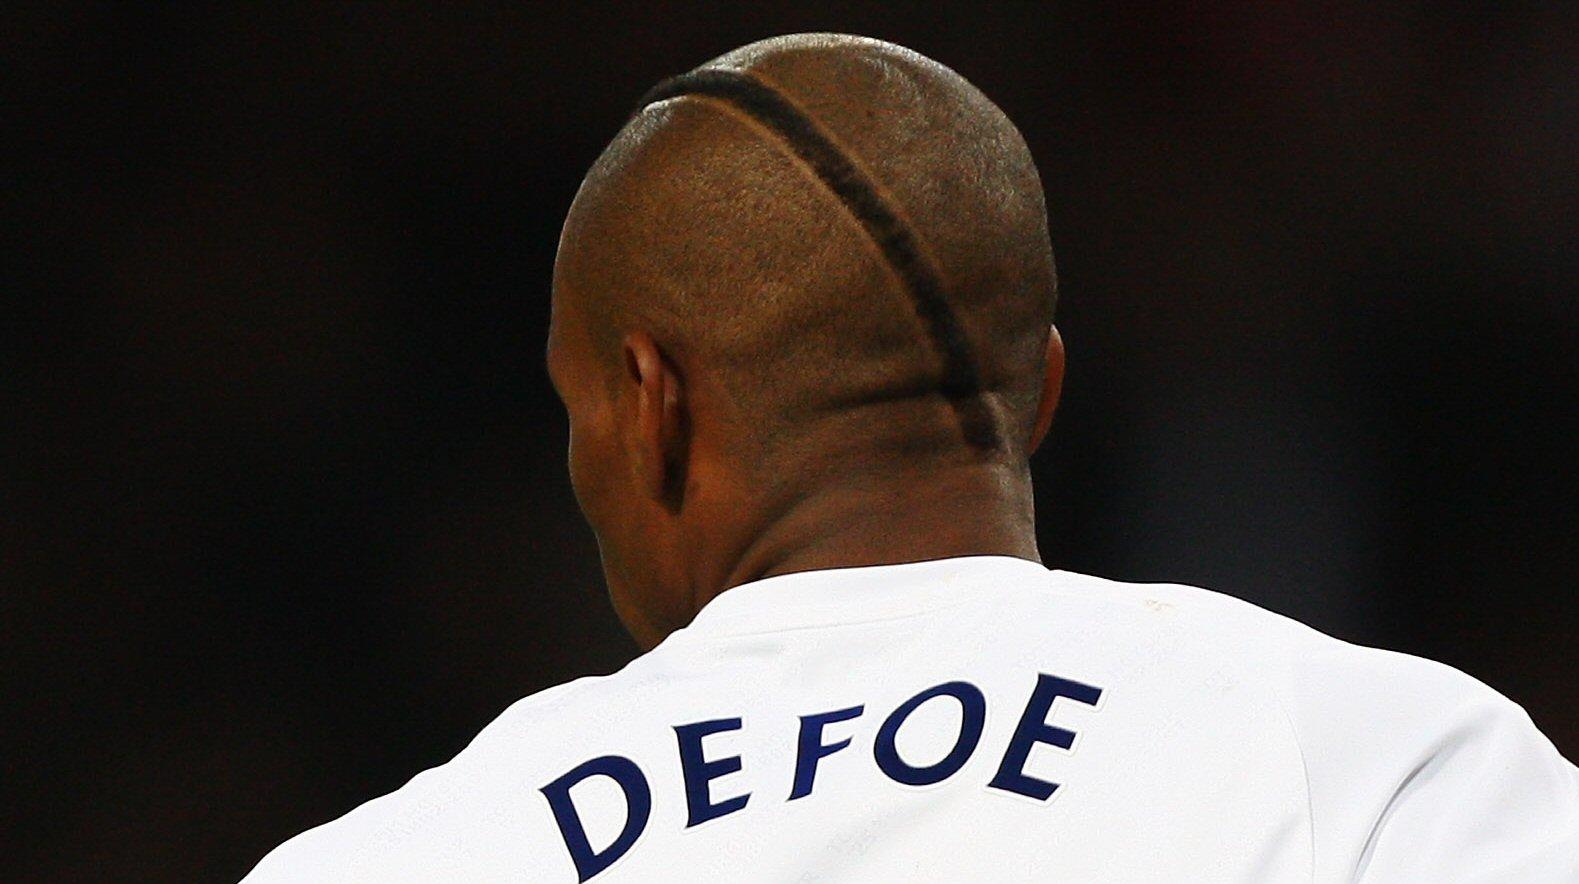 Jermain_Defoe_bad_hair_choice.jpg